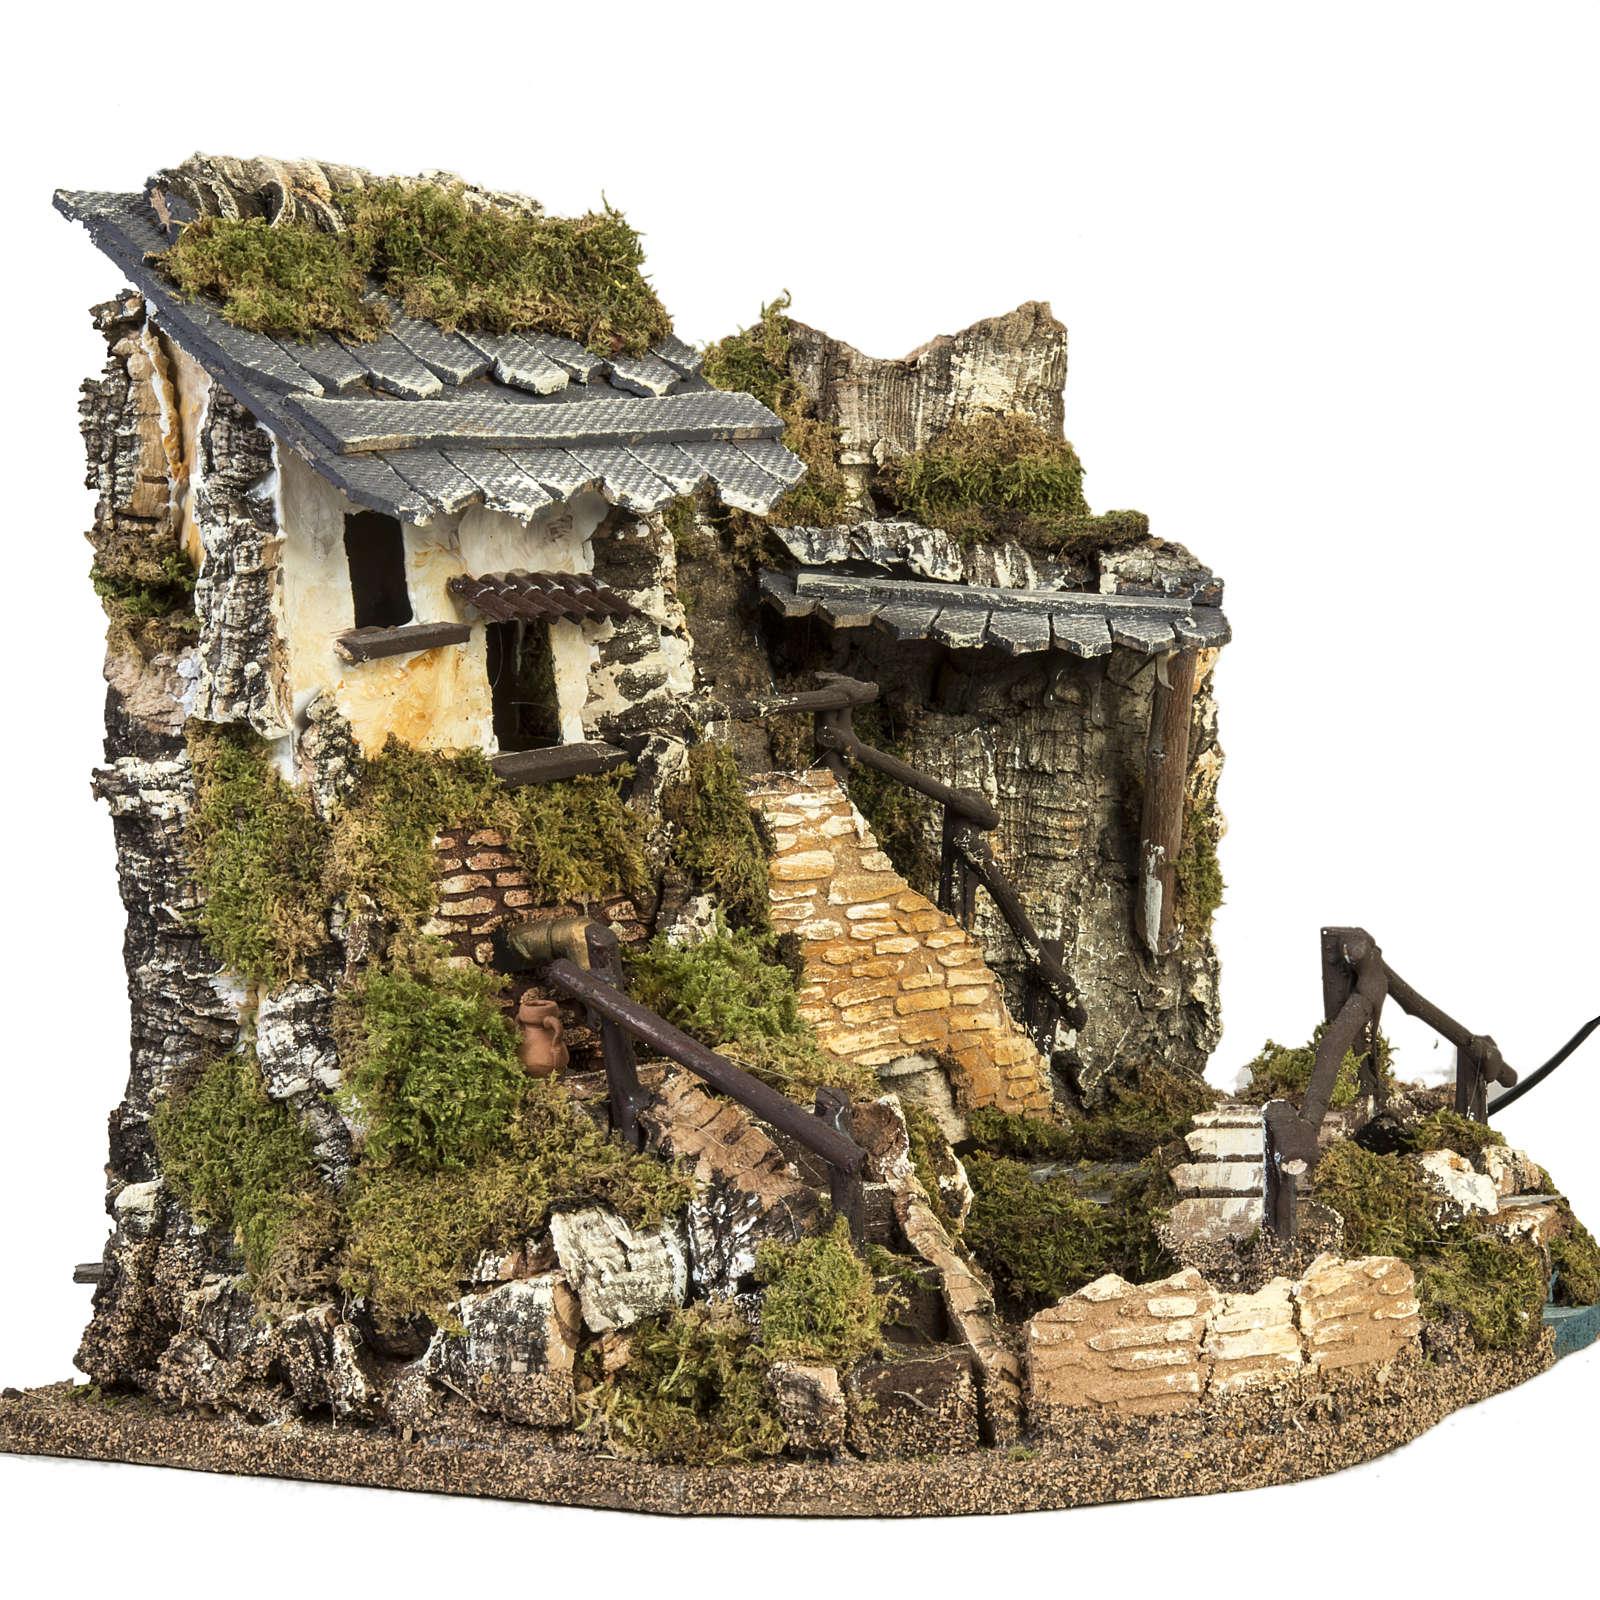 Borgo presepe con fontana, ruscello, staccionata 4